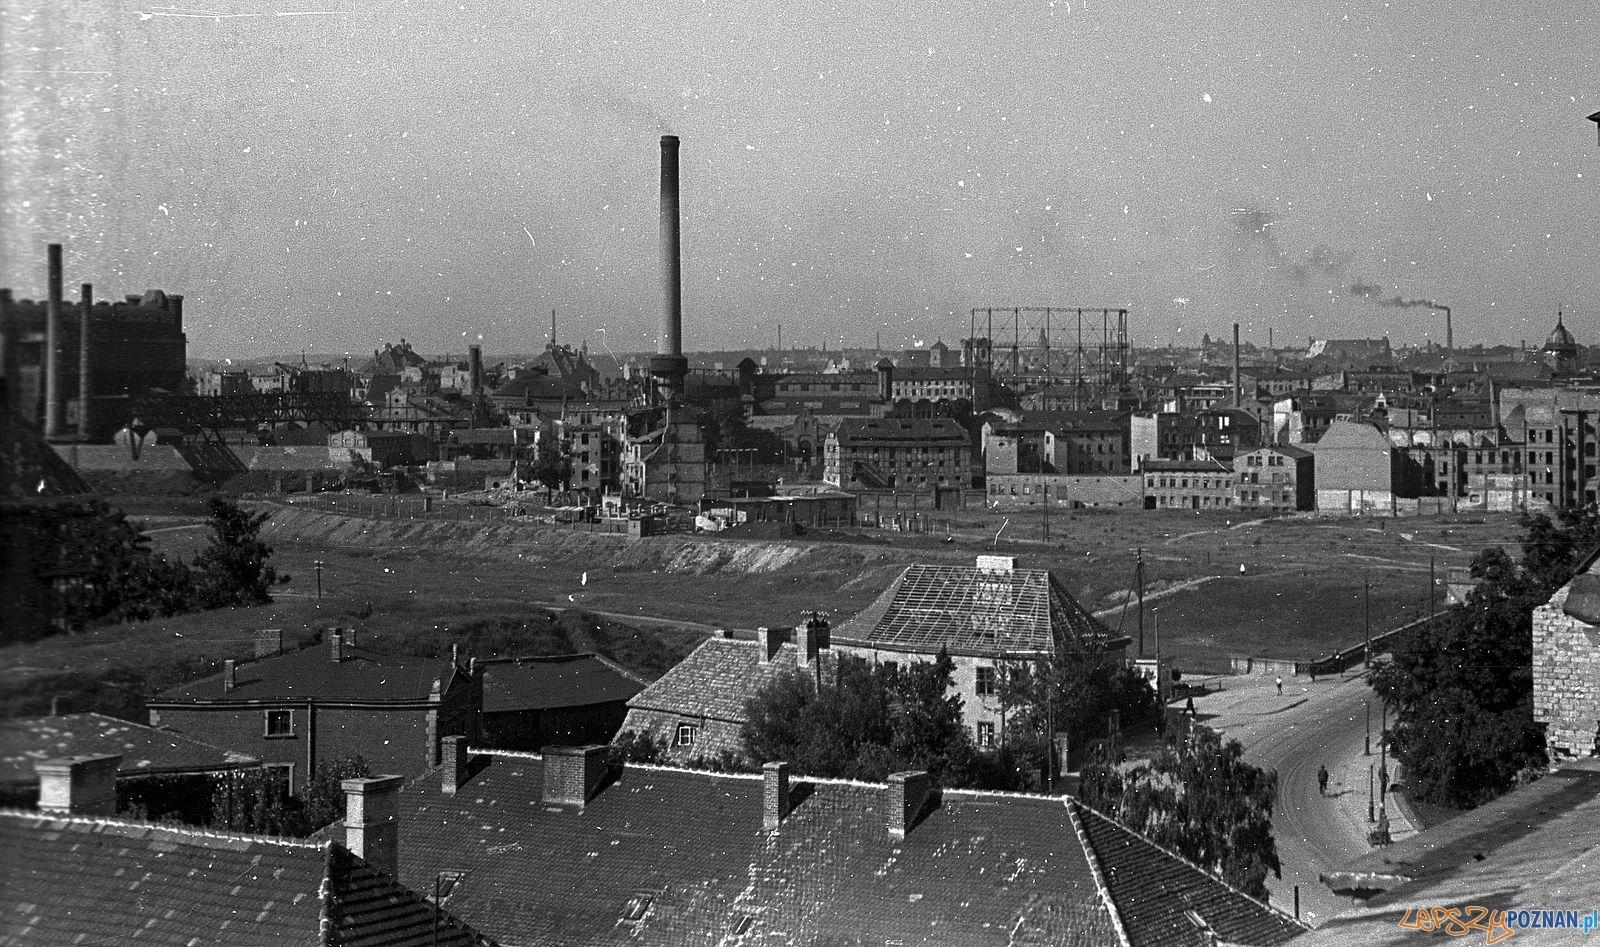 Widok z Katedry w kierunku Chwaliszewa, ok. roku 1947  Foto: Bogdan Celichowski / fortepan.hu